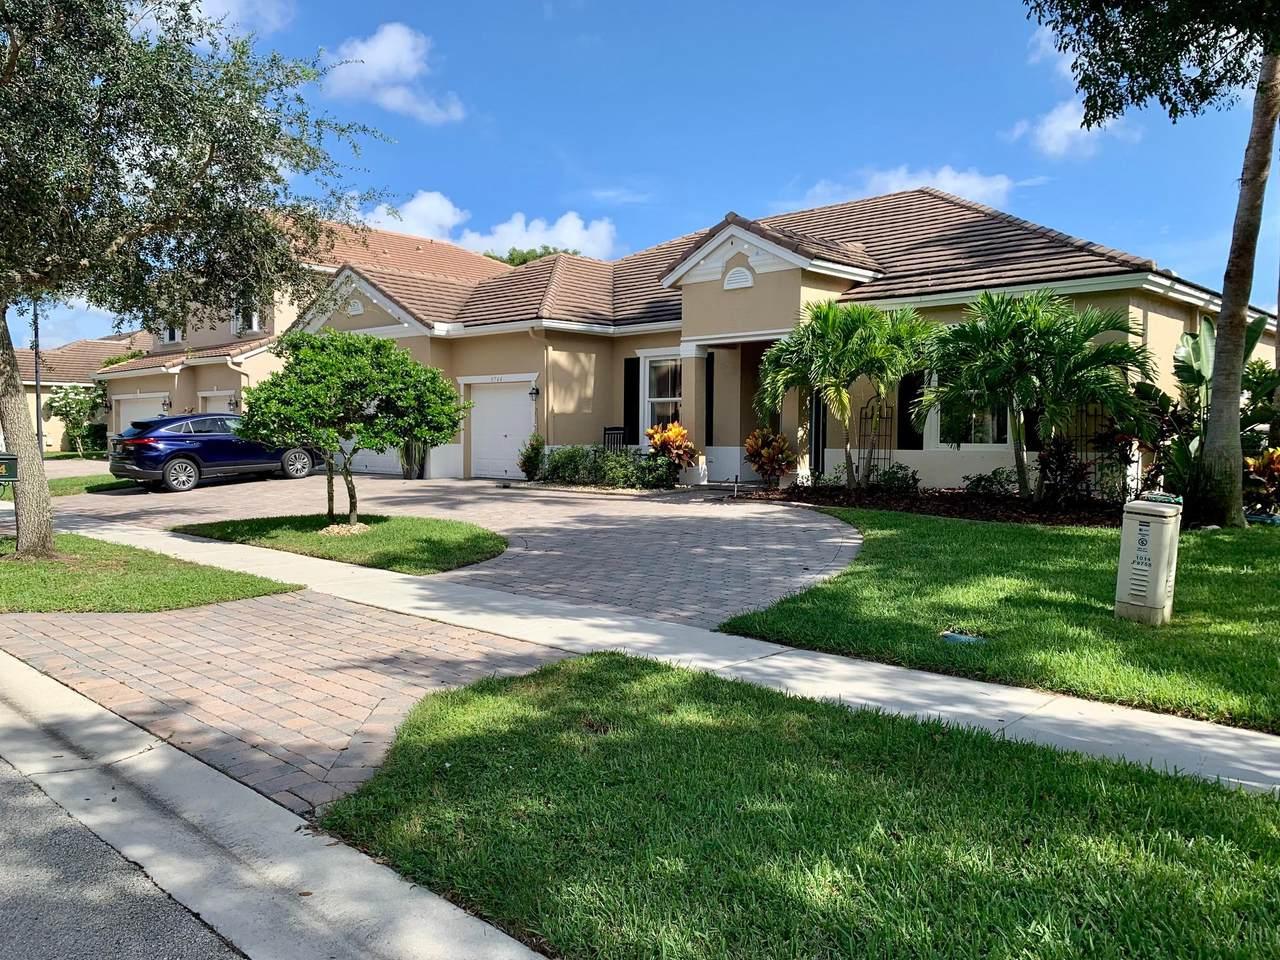 9744 Savannah Estates Drive - Photo 1